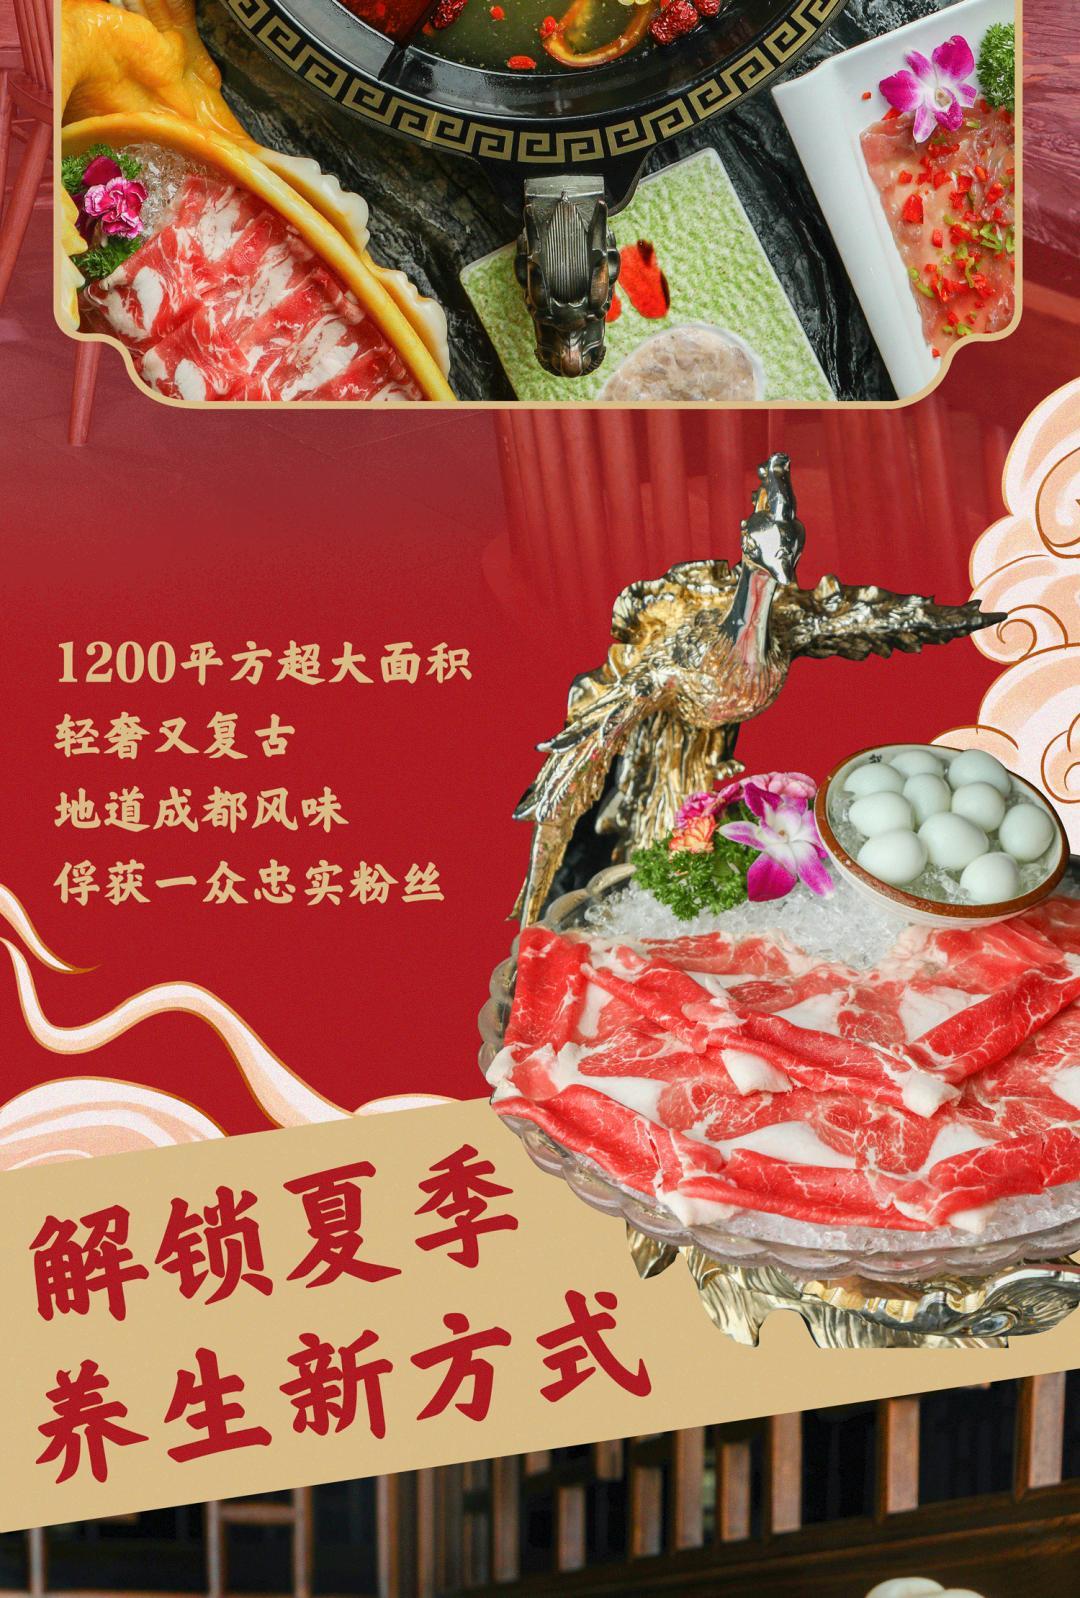 1200㎡超大神仙火锅店!霸气豪横、复古轻奢,开启夏季养生火锅新潮流!(图3)